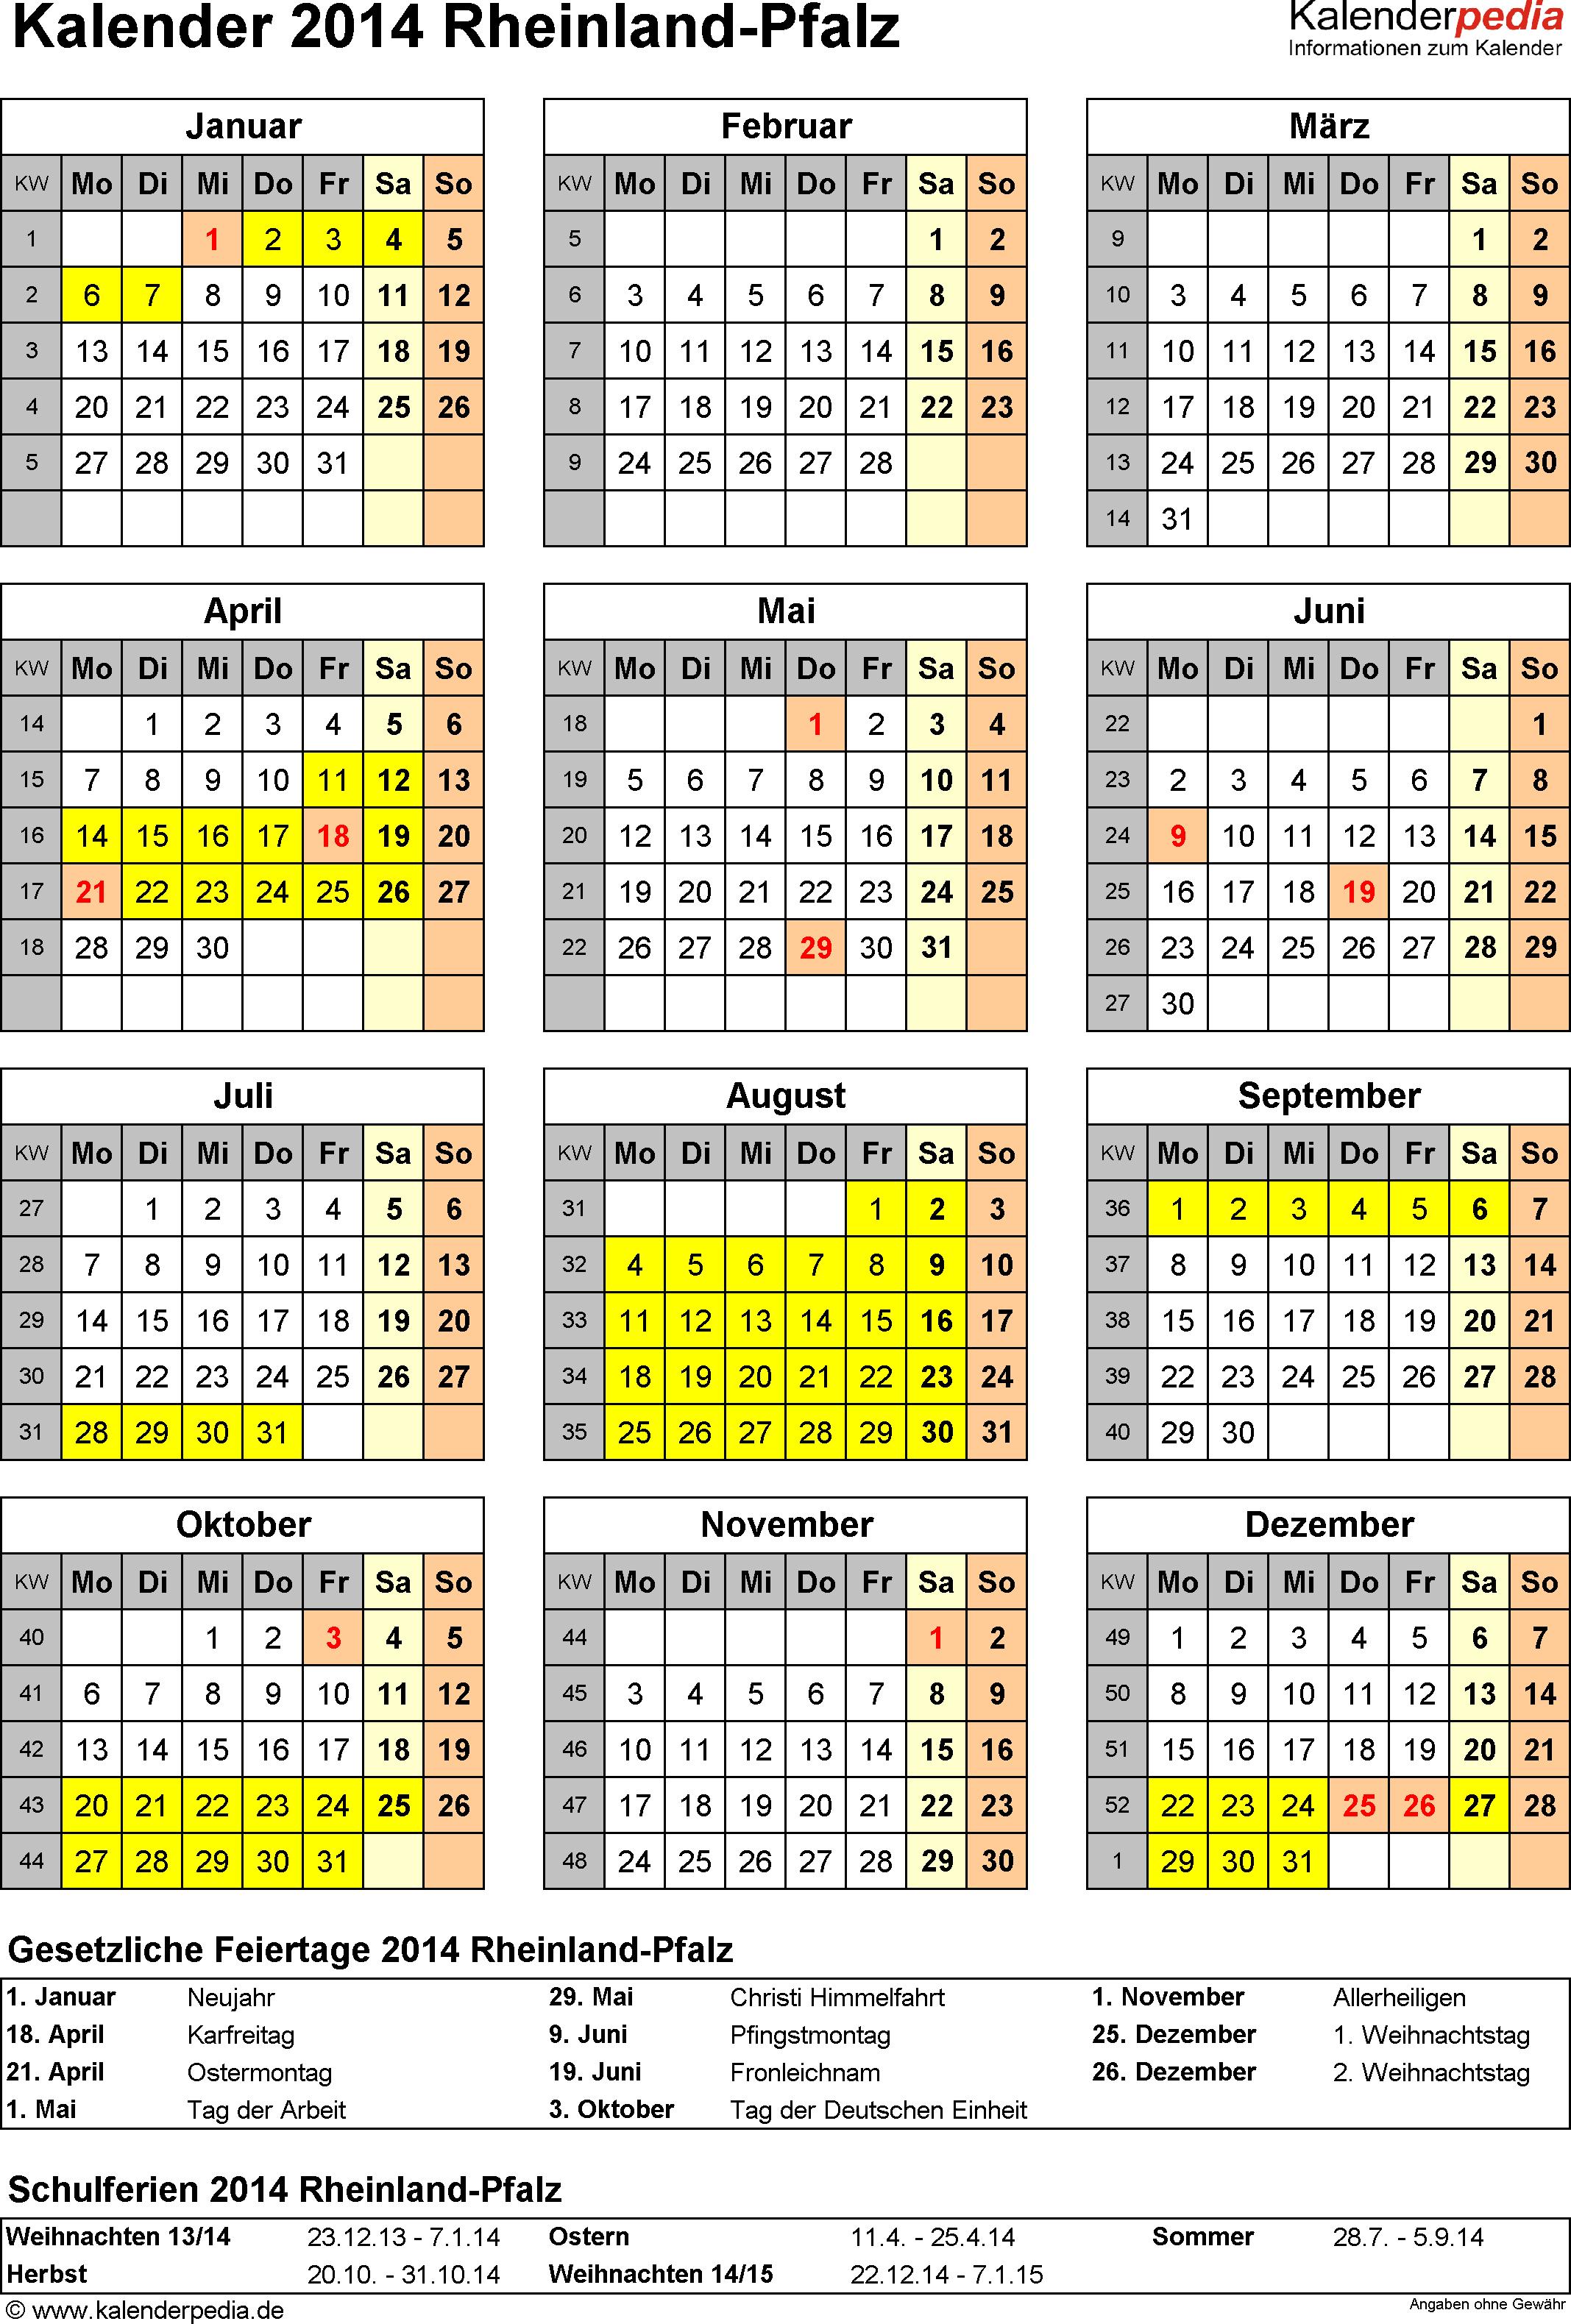 Vorlage 4: Kalender Rheinland-Pfalz 2014 als Word-Vorlage (Hochformat)